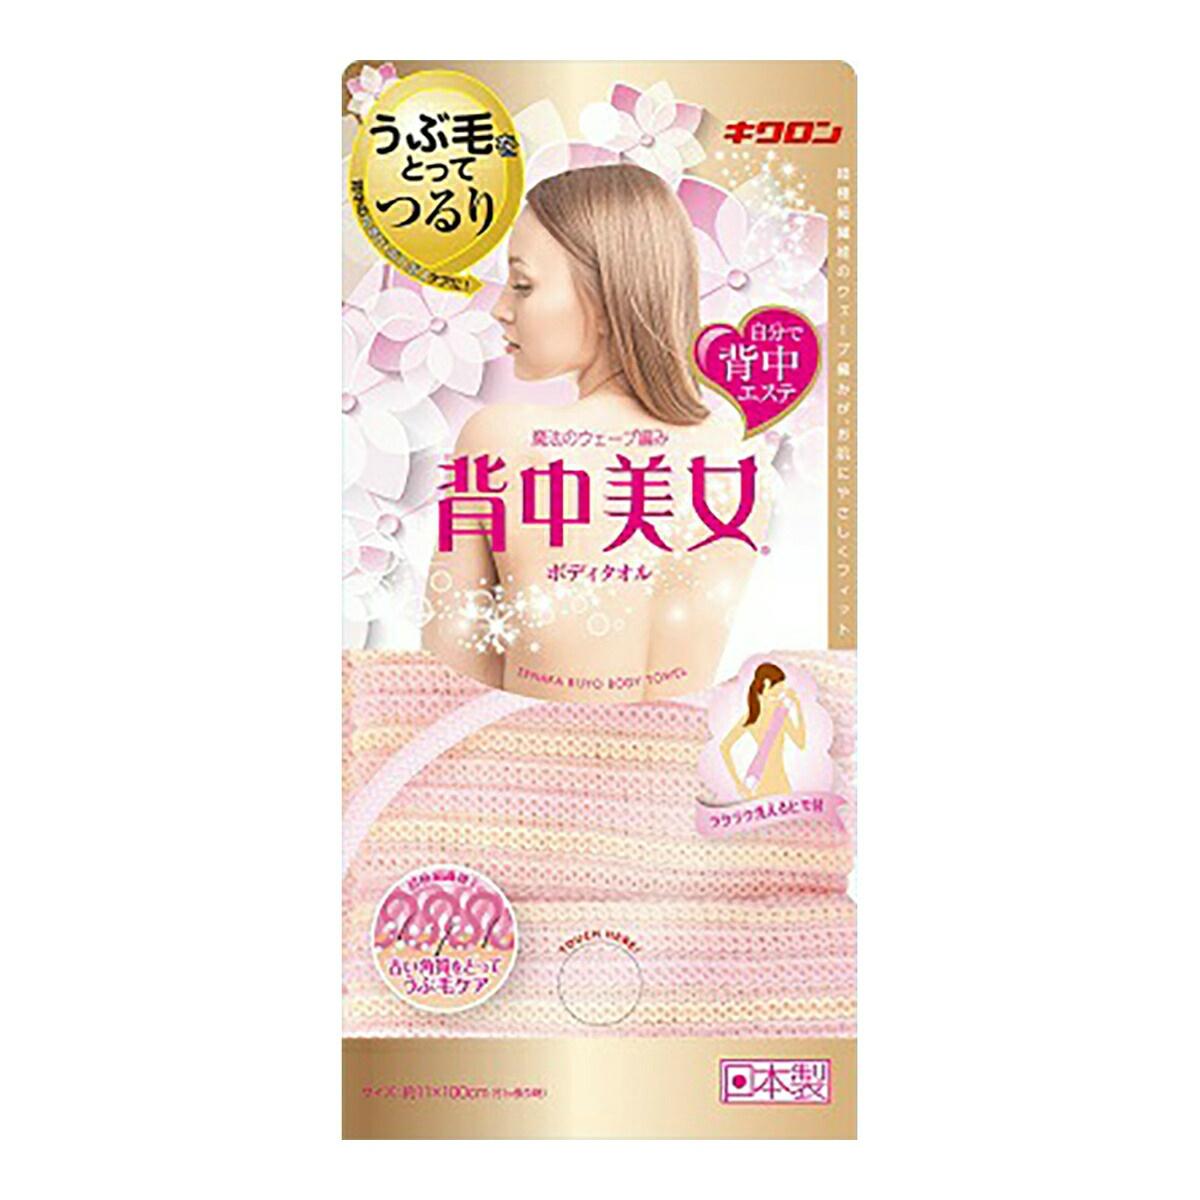 【60個で送料無料】キクロン 背中美女 ボディタオル ピンク ×60点セット ( 4548404201426 )